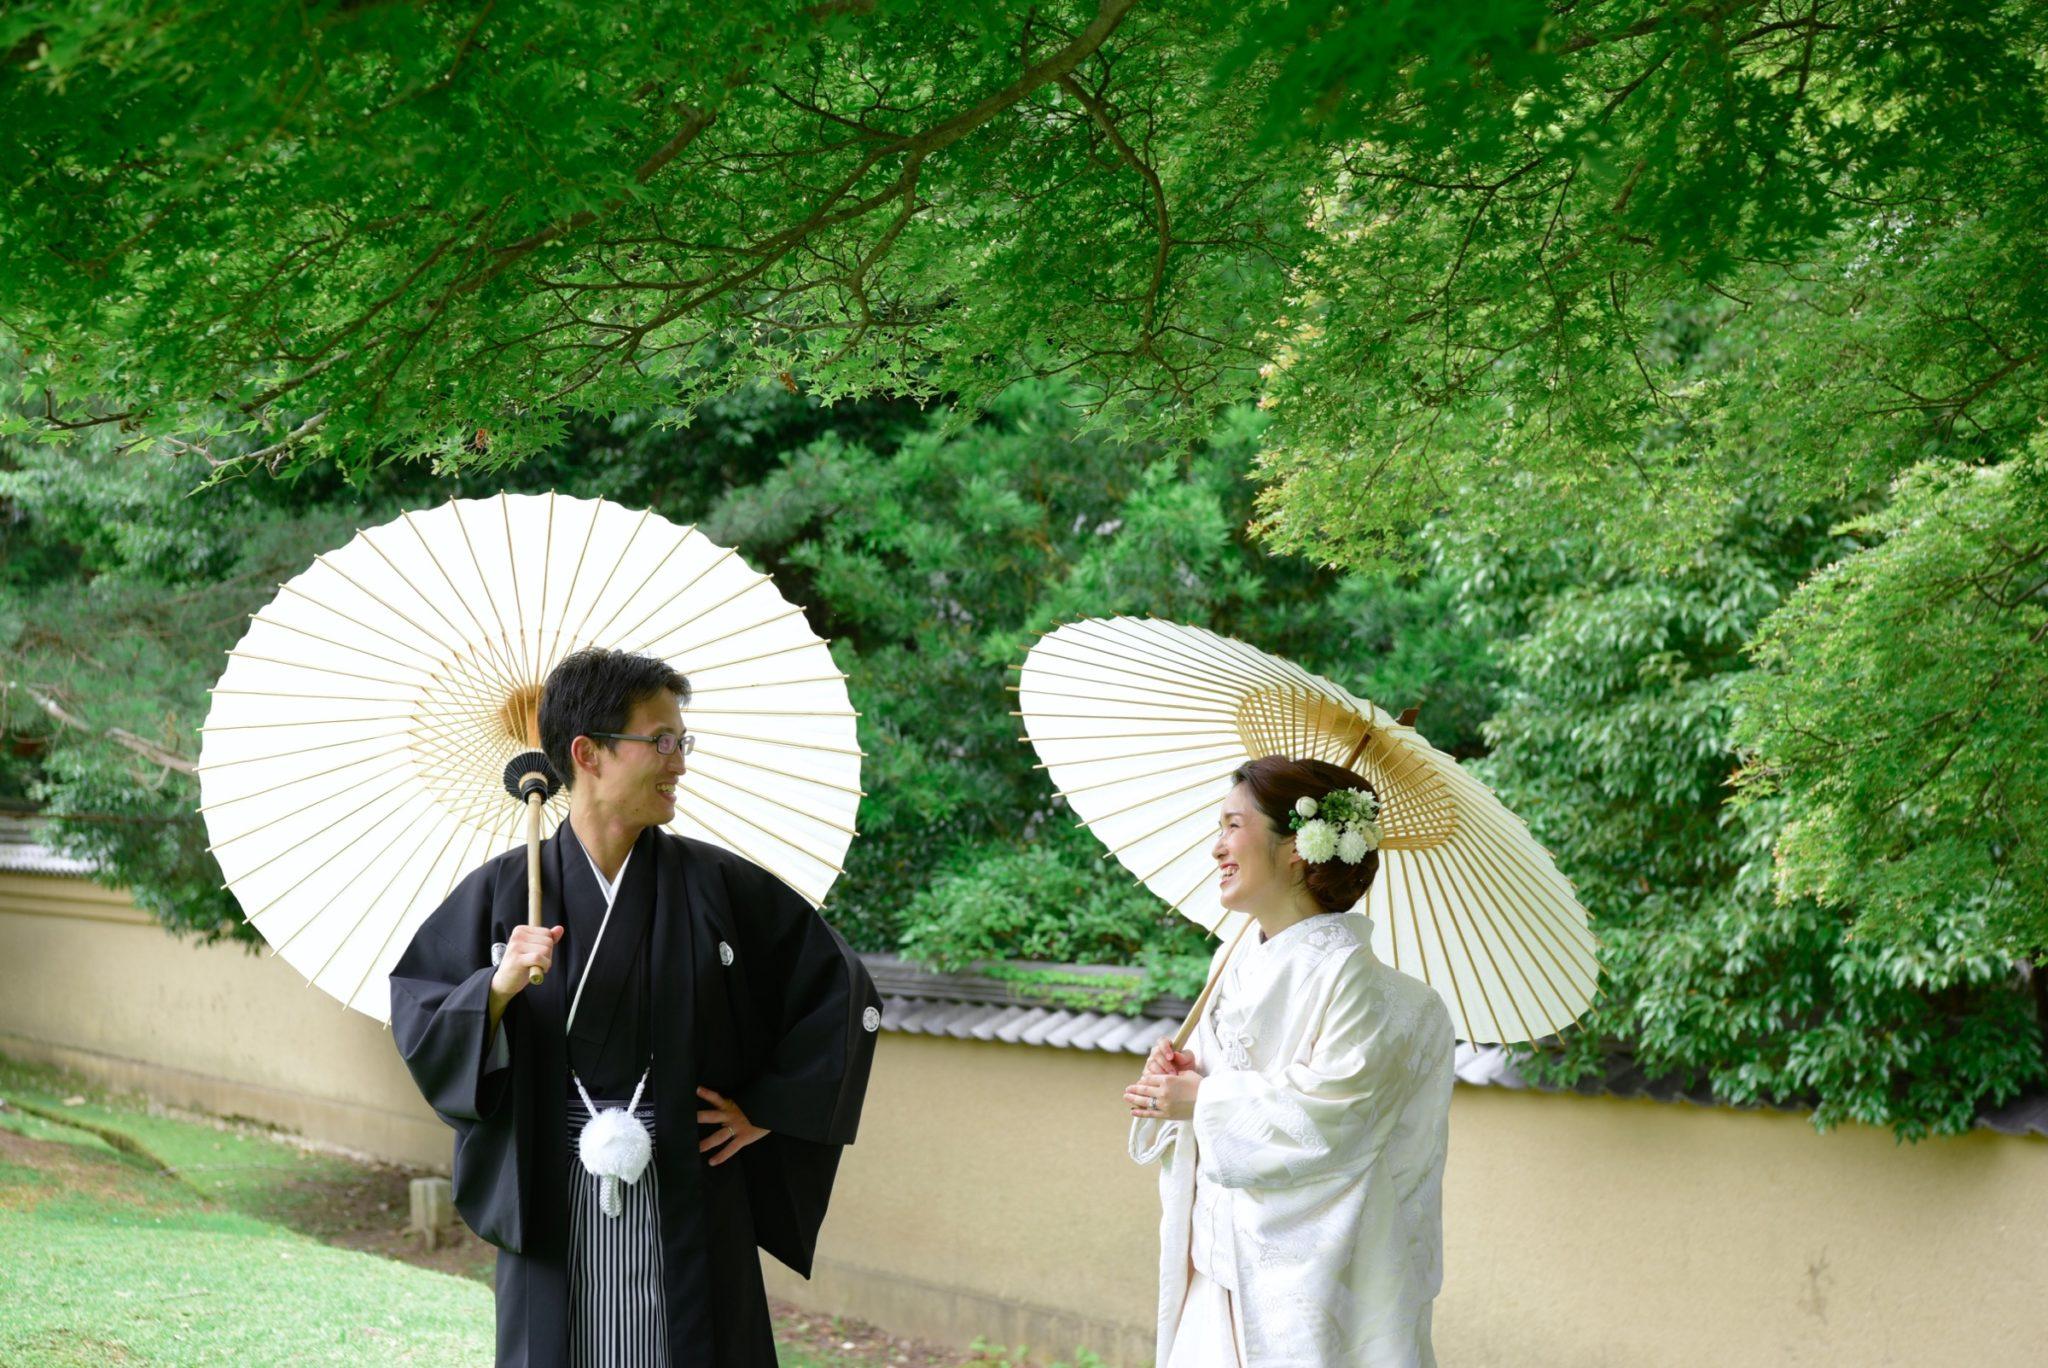 白無垢綿帽子と色打掛け和装で結婚式の前撮り